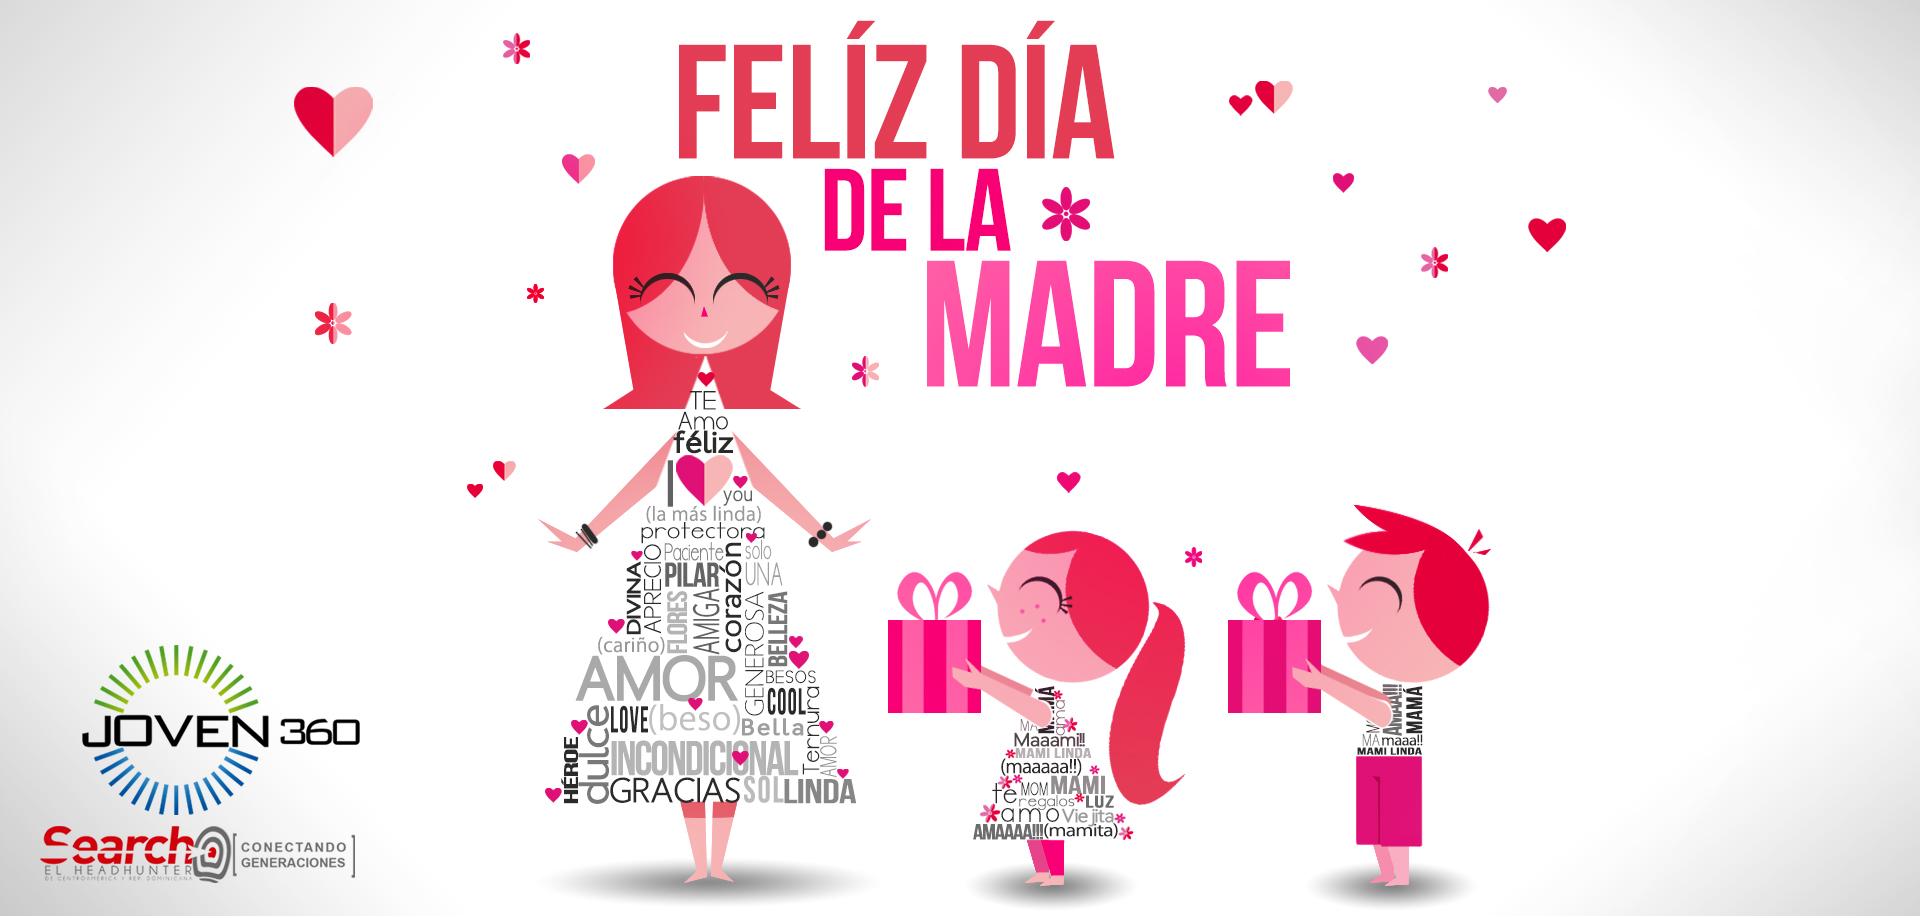 Madre la palabra mas bella pronunciada por el ser humano feliz dia